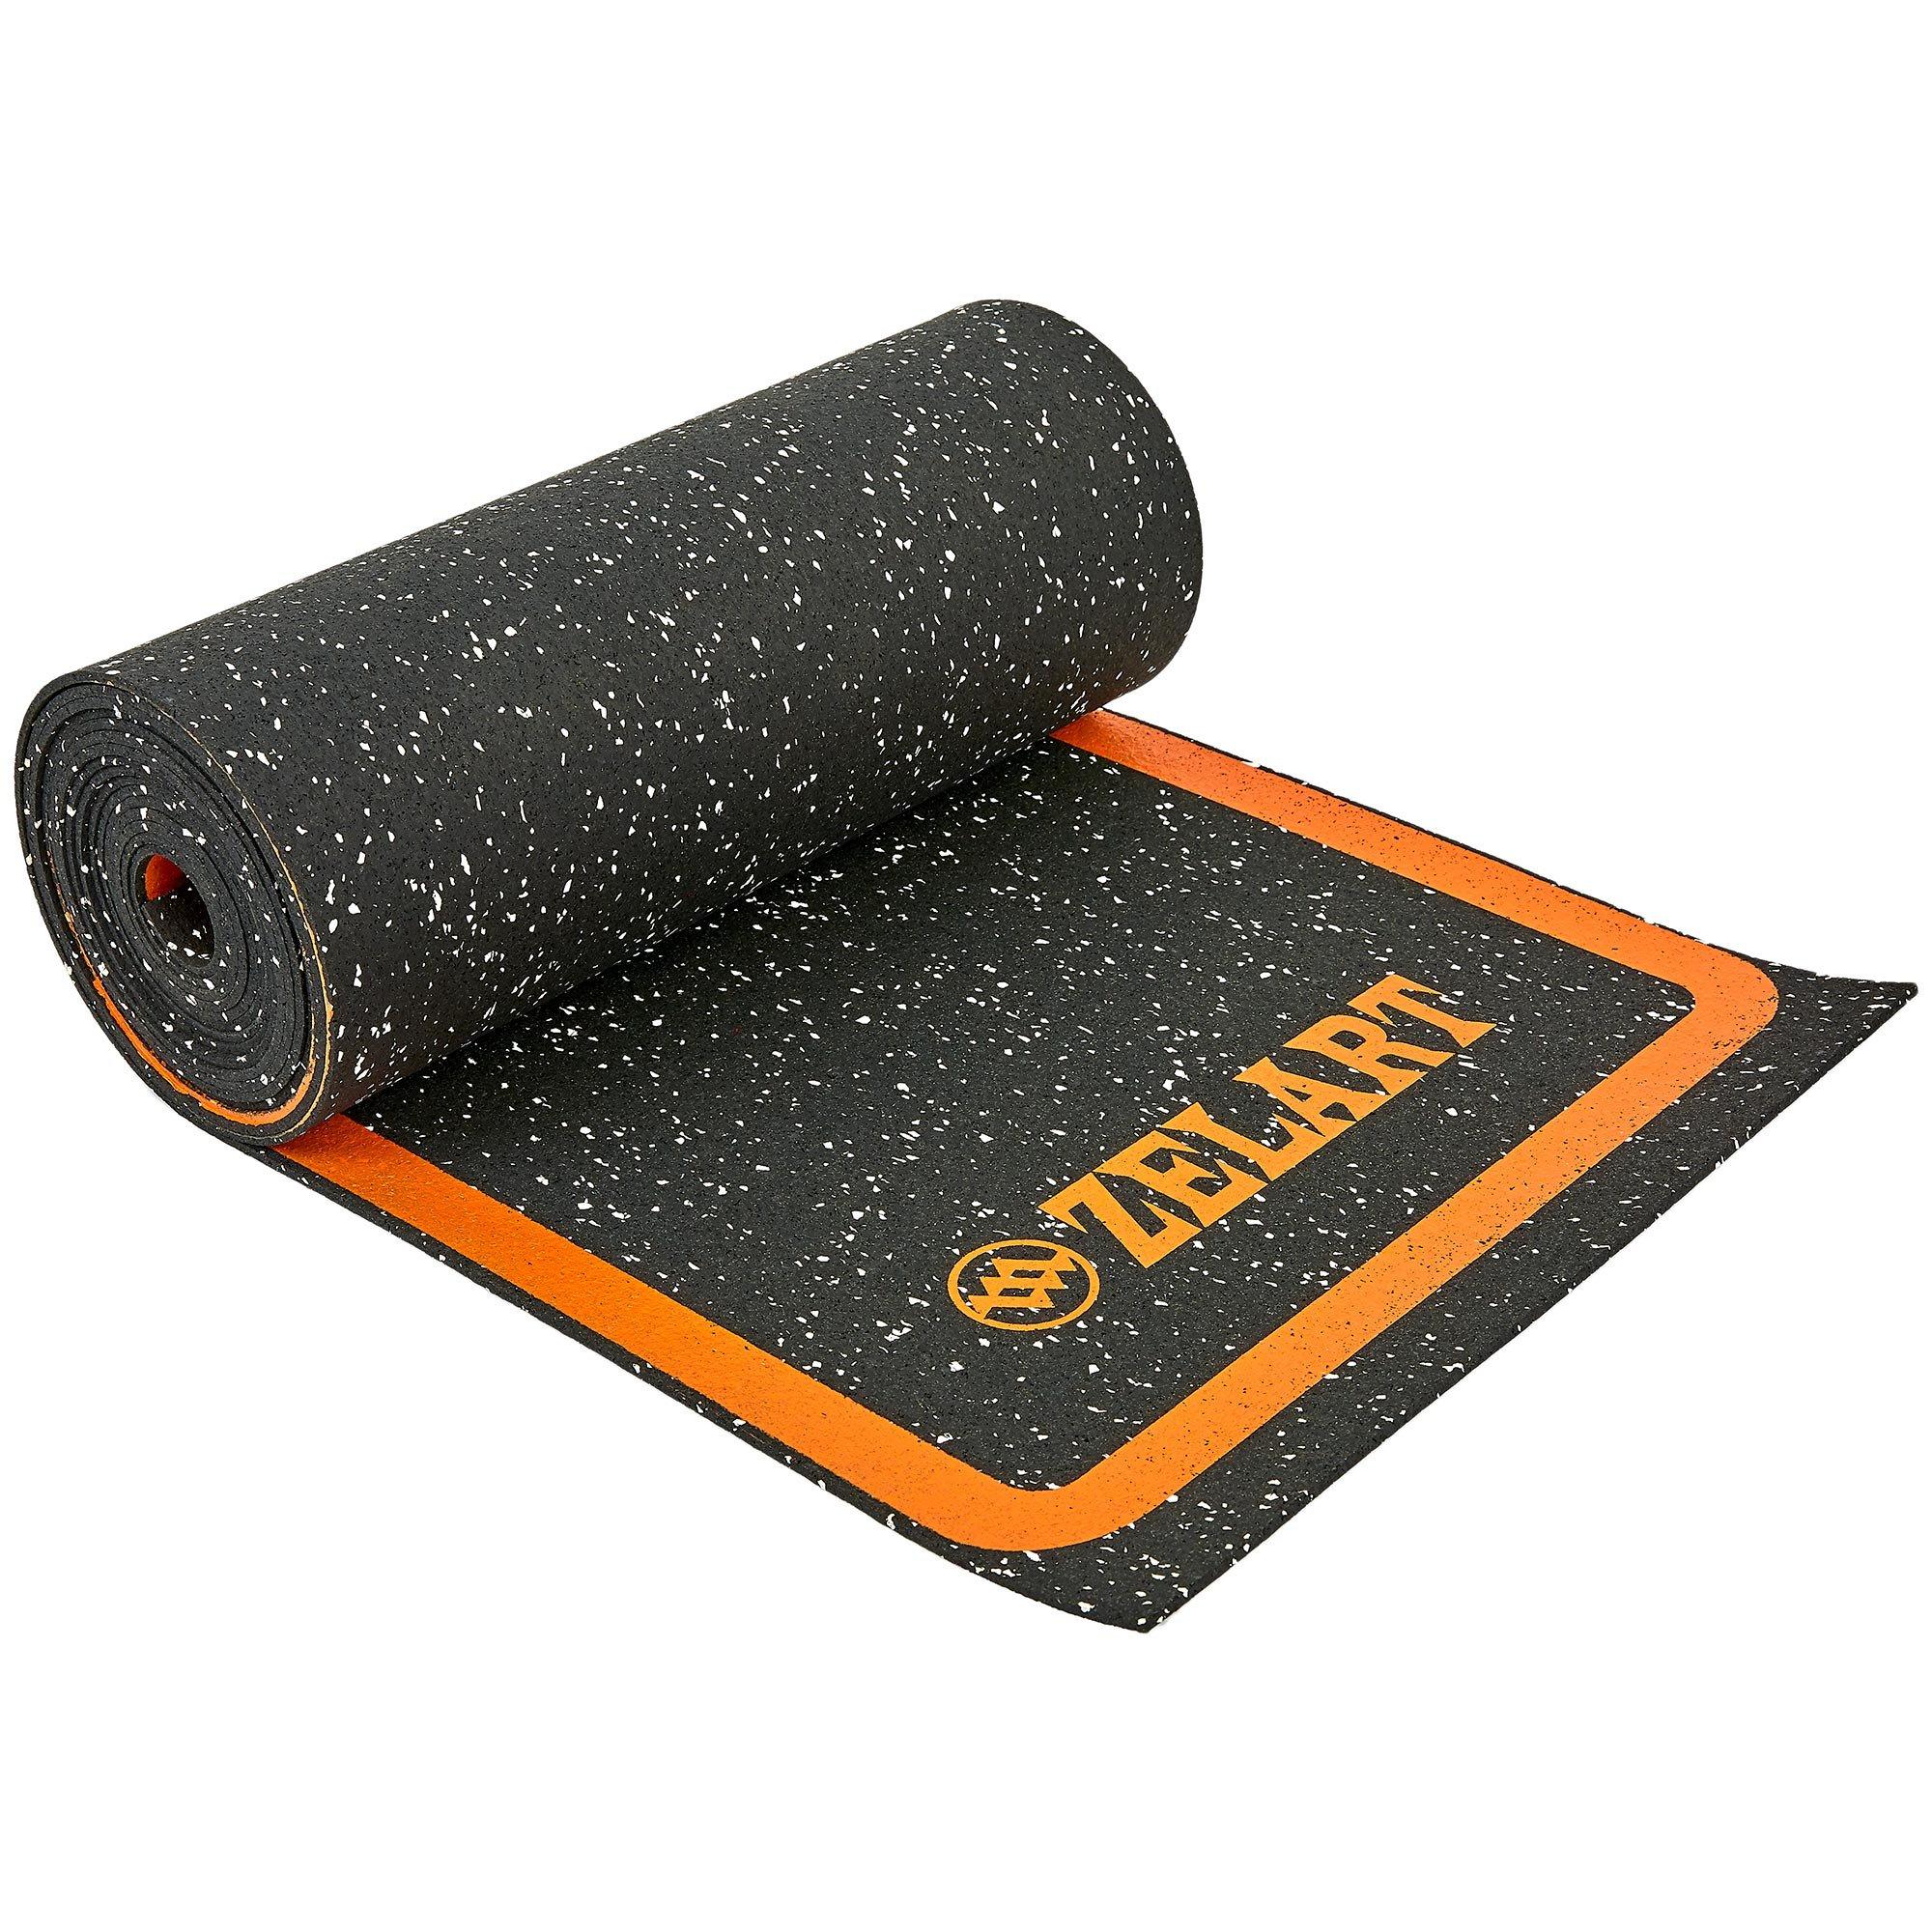 Координационная лестница в рулоне 4,5м для тренировки скорости (EPDM резина, 10 секций, р-р секции 45х34х0,35см, черный-оранжевый)